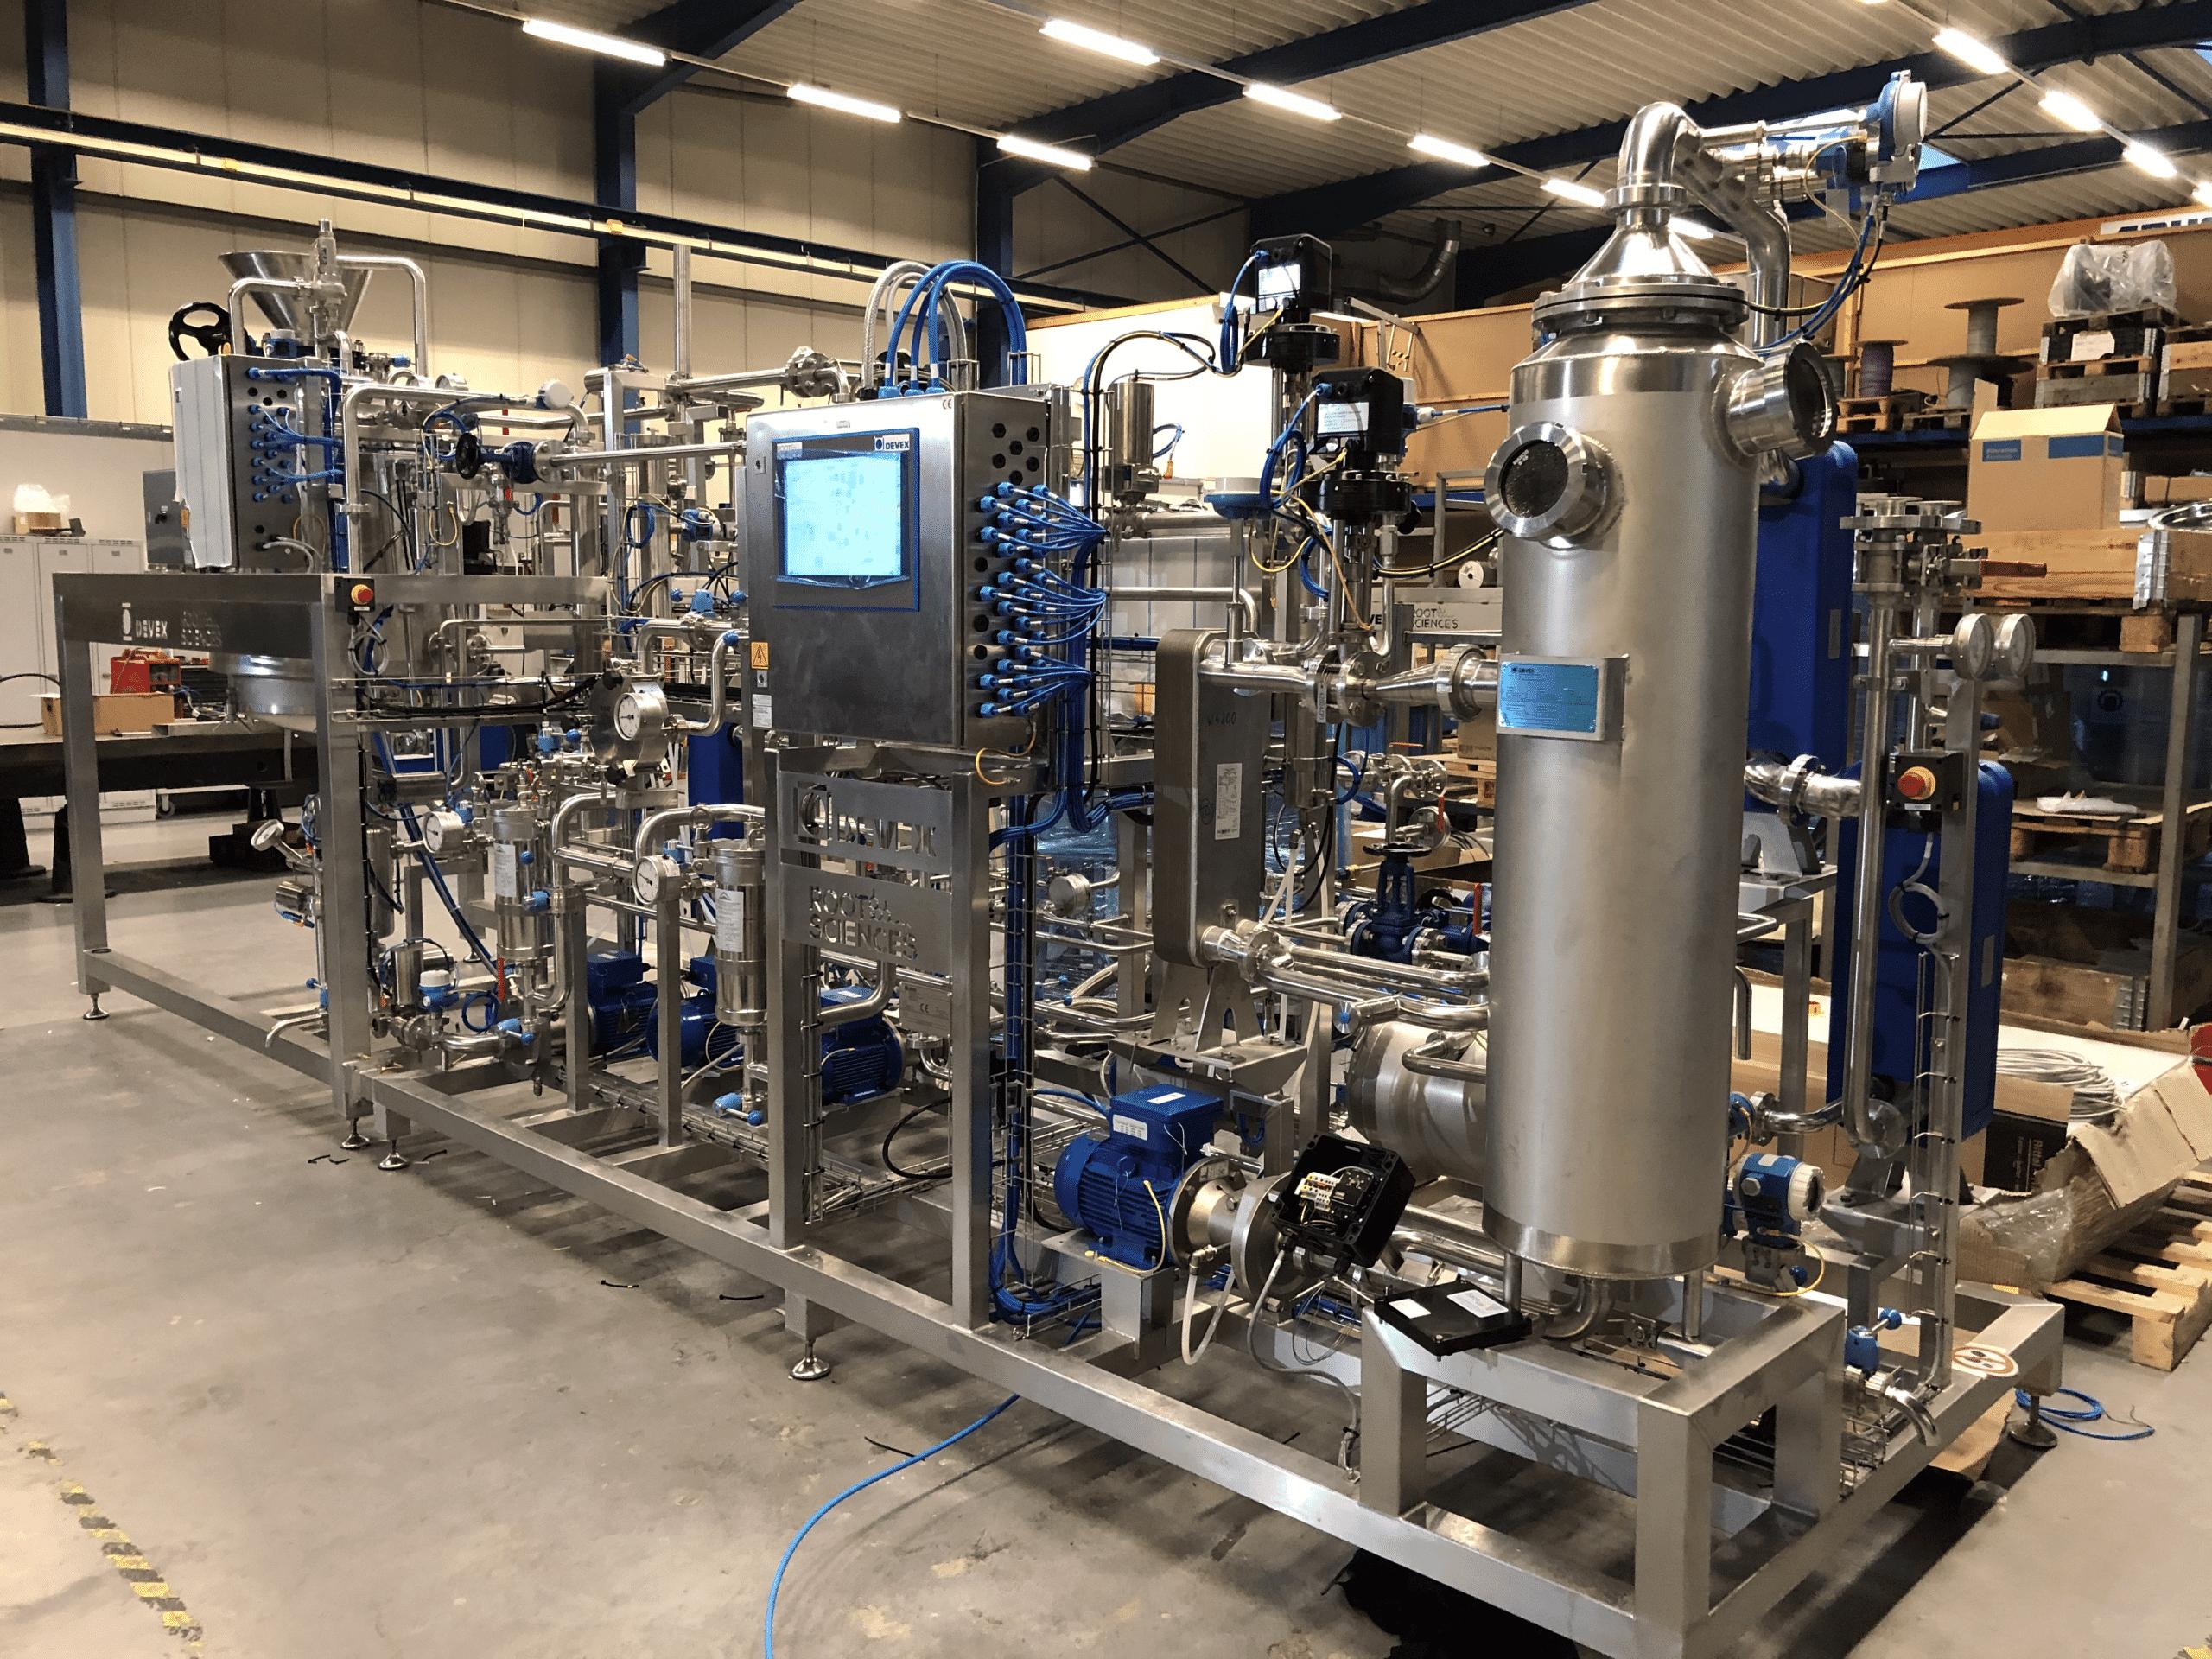 DEVEX CryoEXS 800 cannabis distillation equipment